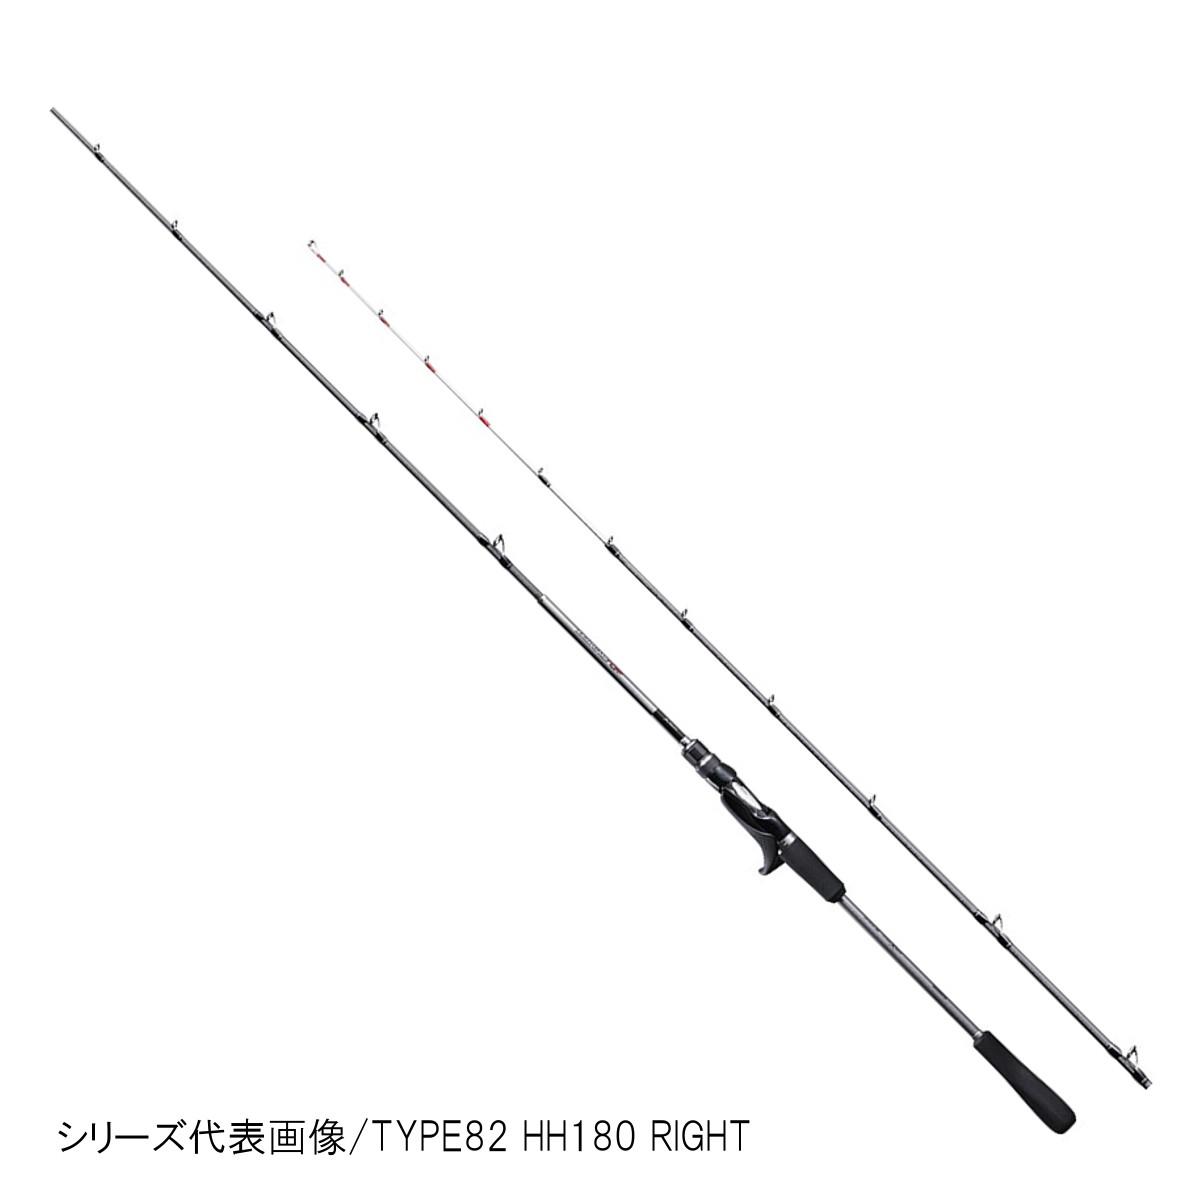 ライトゲーム CI4+ TYPE82 M195 LEFT シマノ【同梱不可】